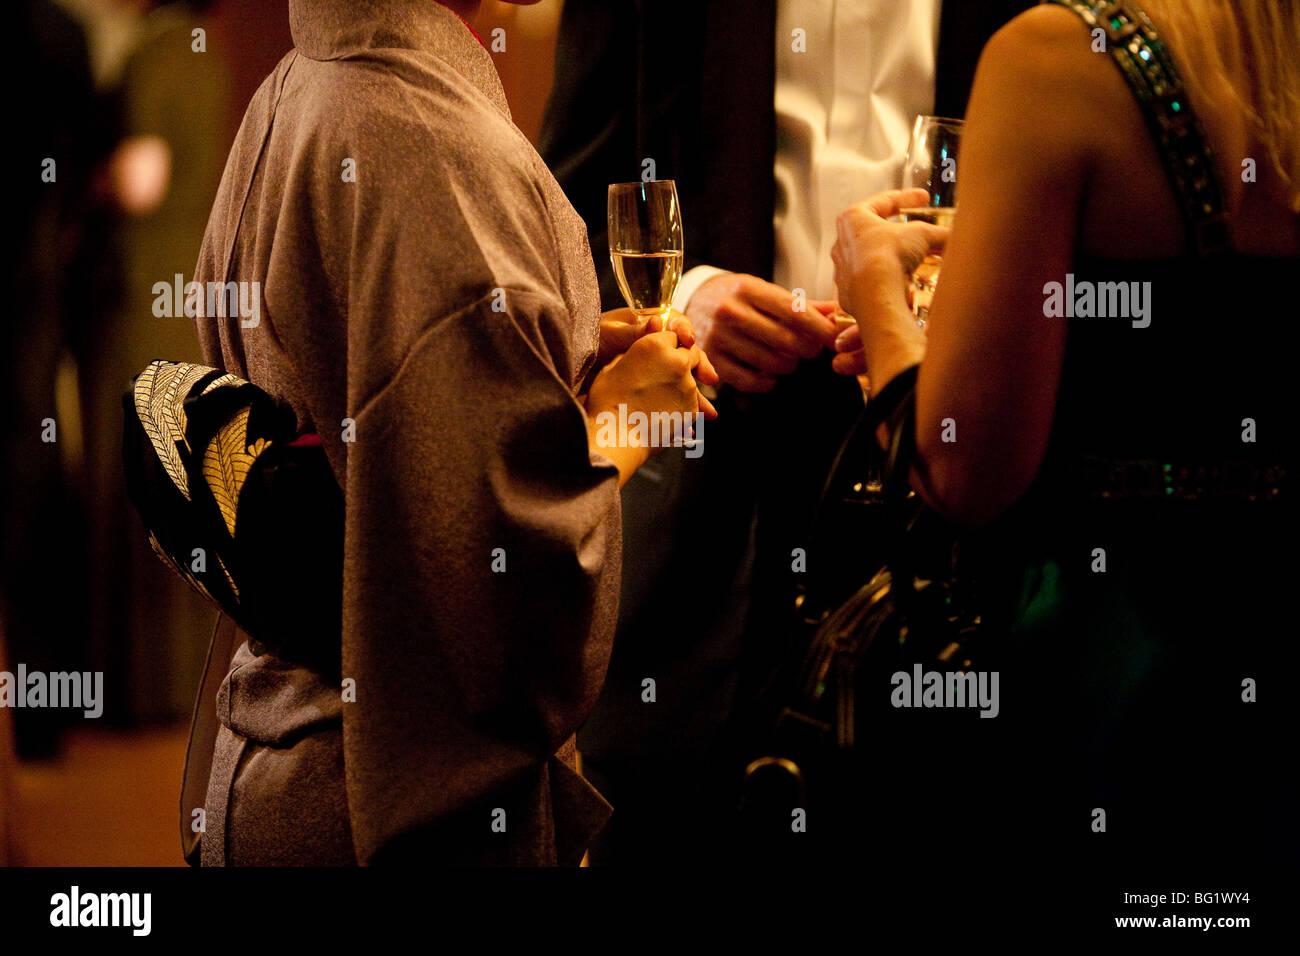 Femme japonaise en kimono de boire du champagne avec femme en robe de style occidental, et l'homme en cravate Photo Stock